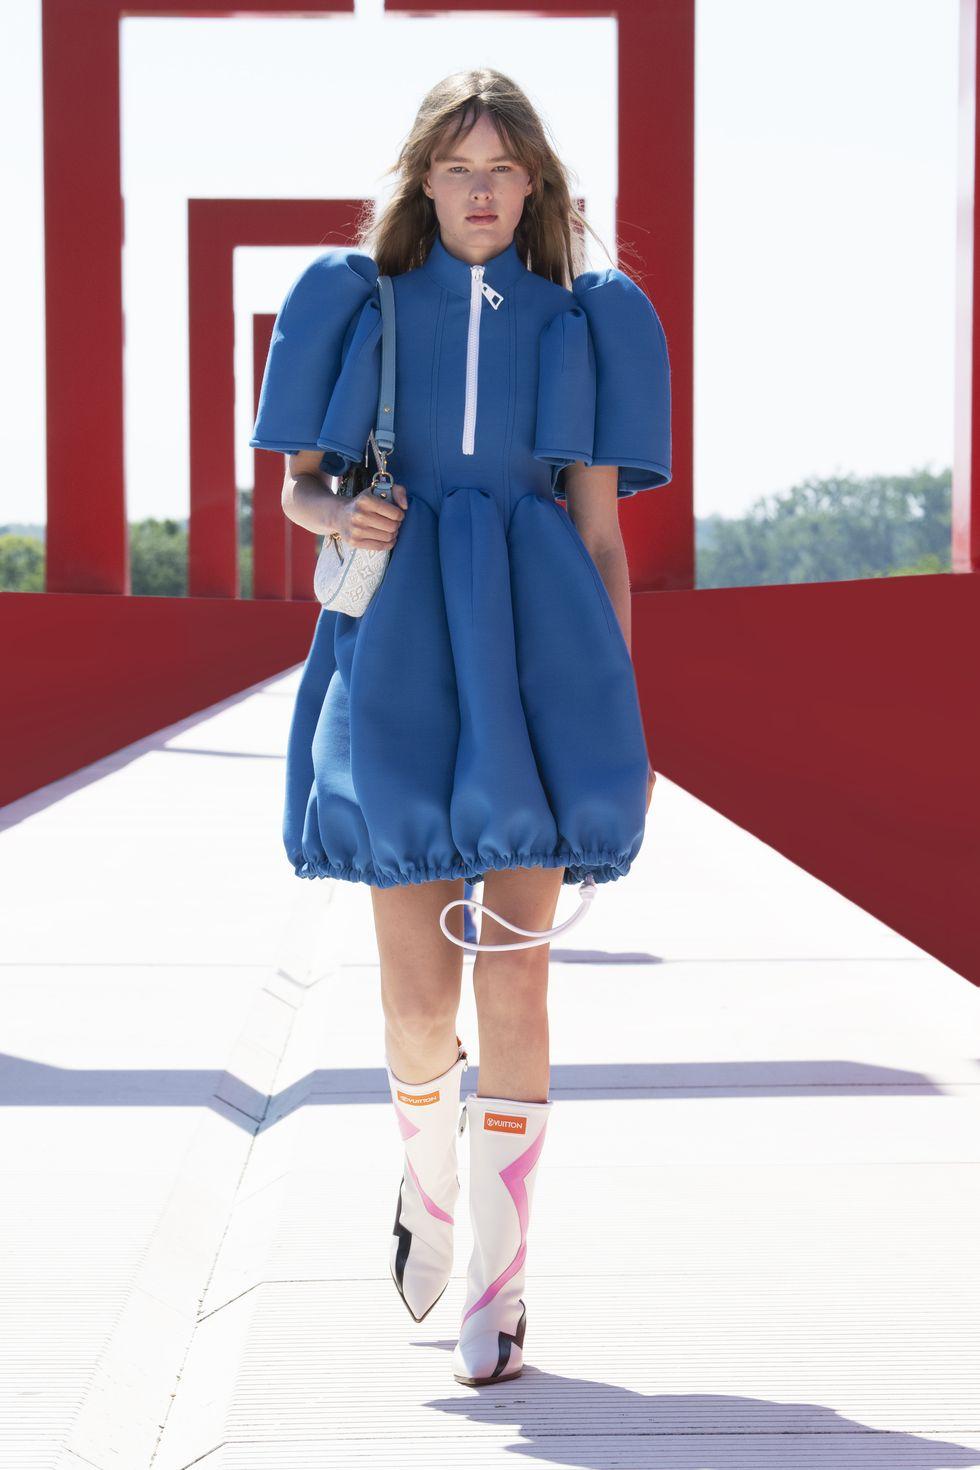 váy xanh louis vuitton cruise 2022